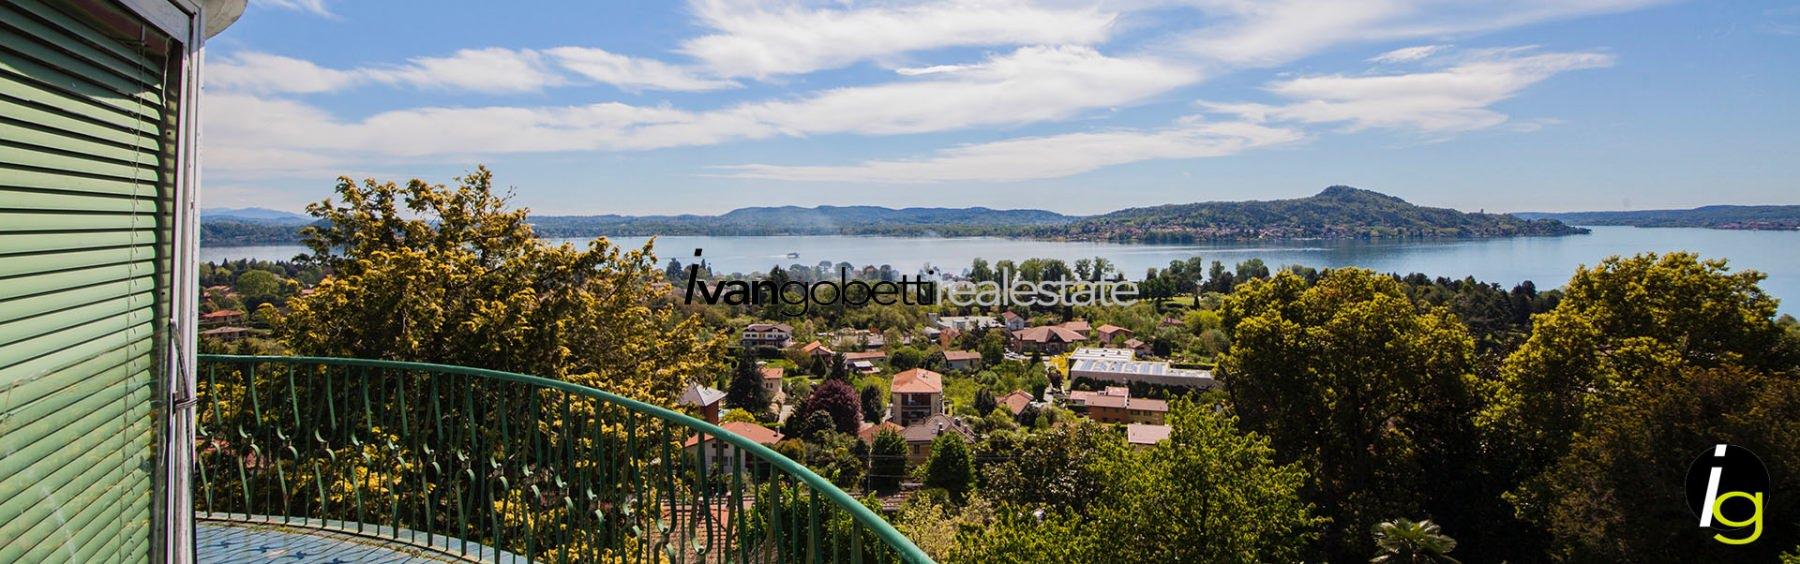 Lesa Lake Maggiore, Villa for sale with  lake view and  park